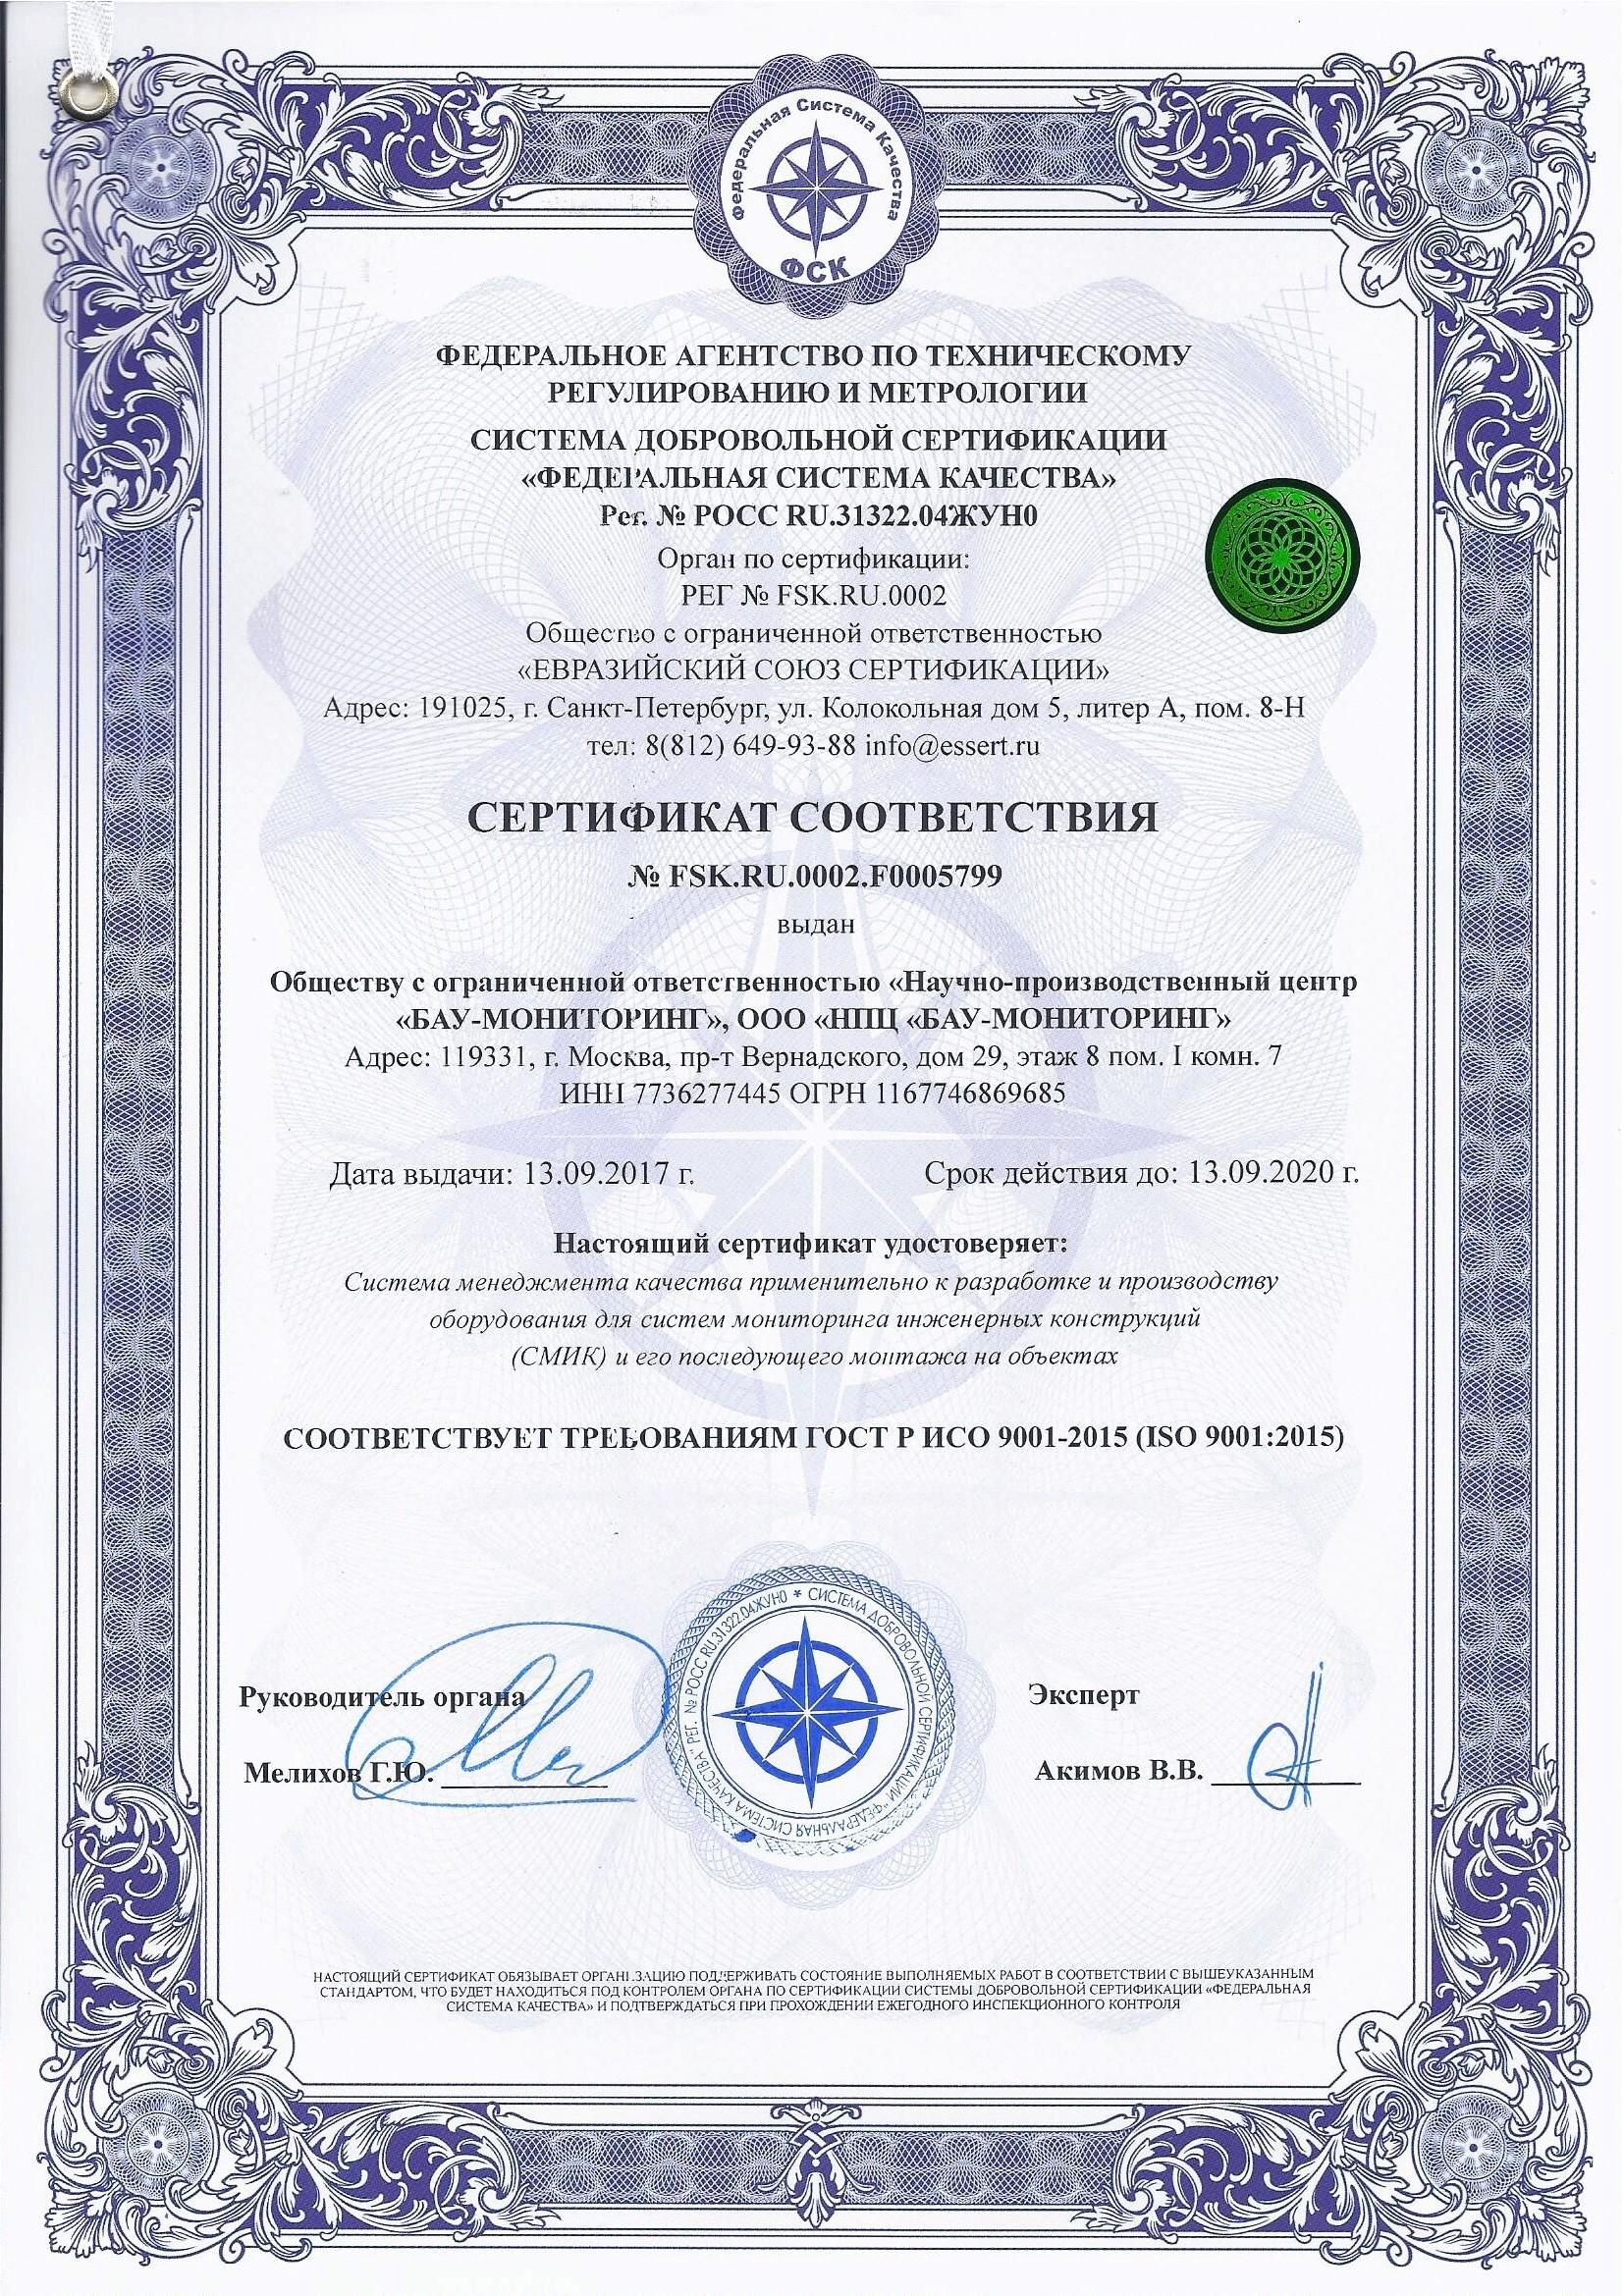 Сертификат ИСО 9001-2015 на СМИК